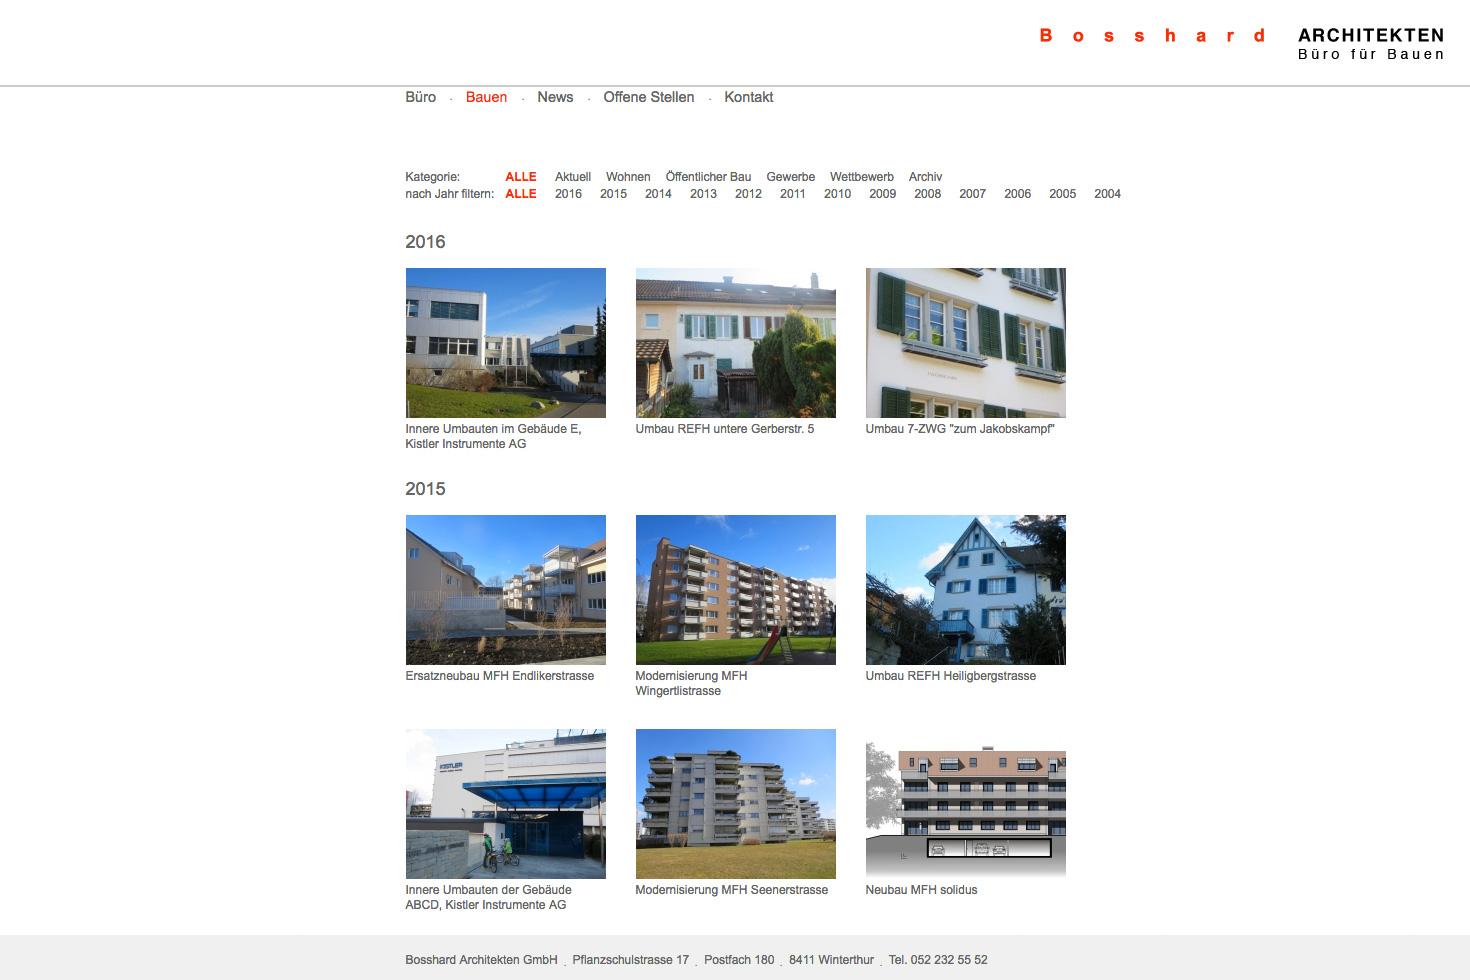 Bild 3 vom Büro für Bauen Webseite